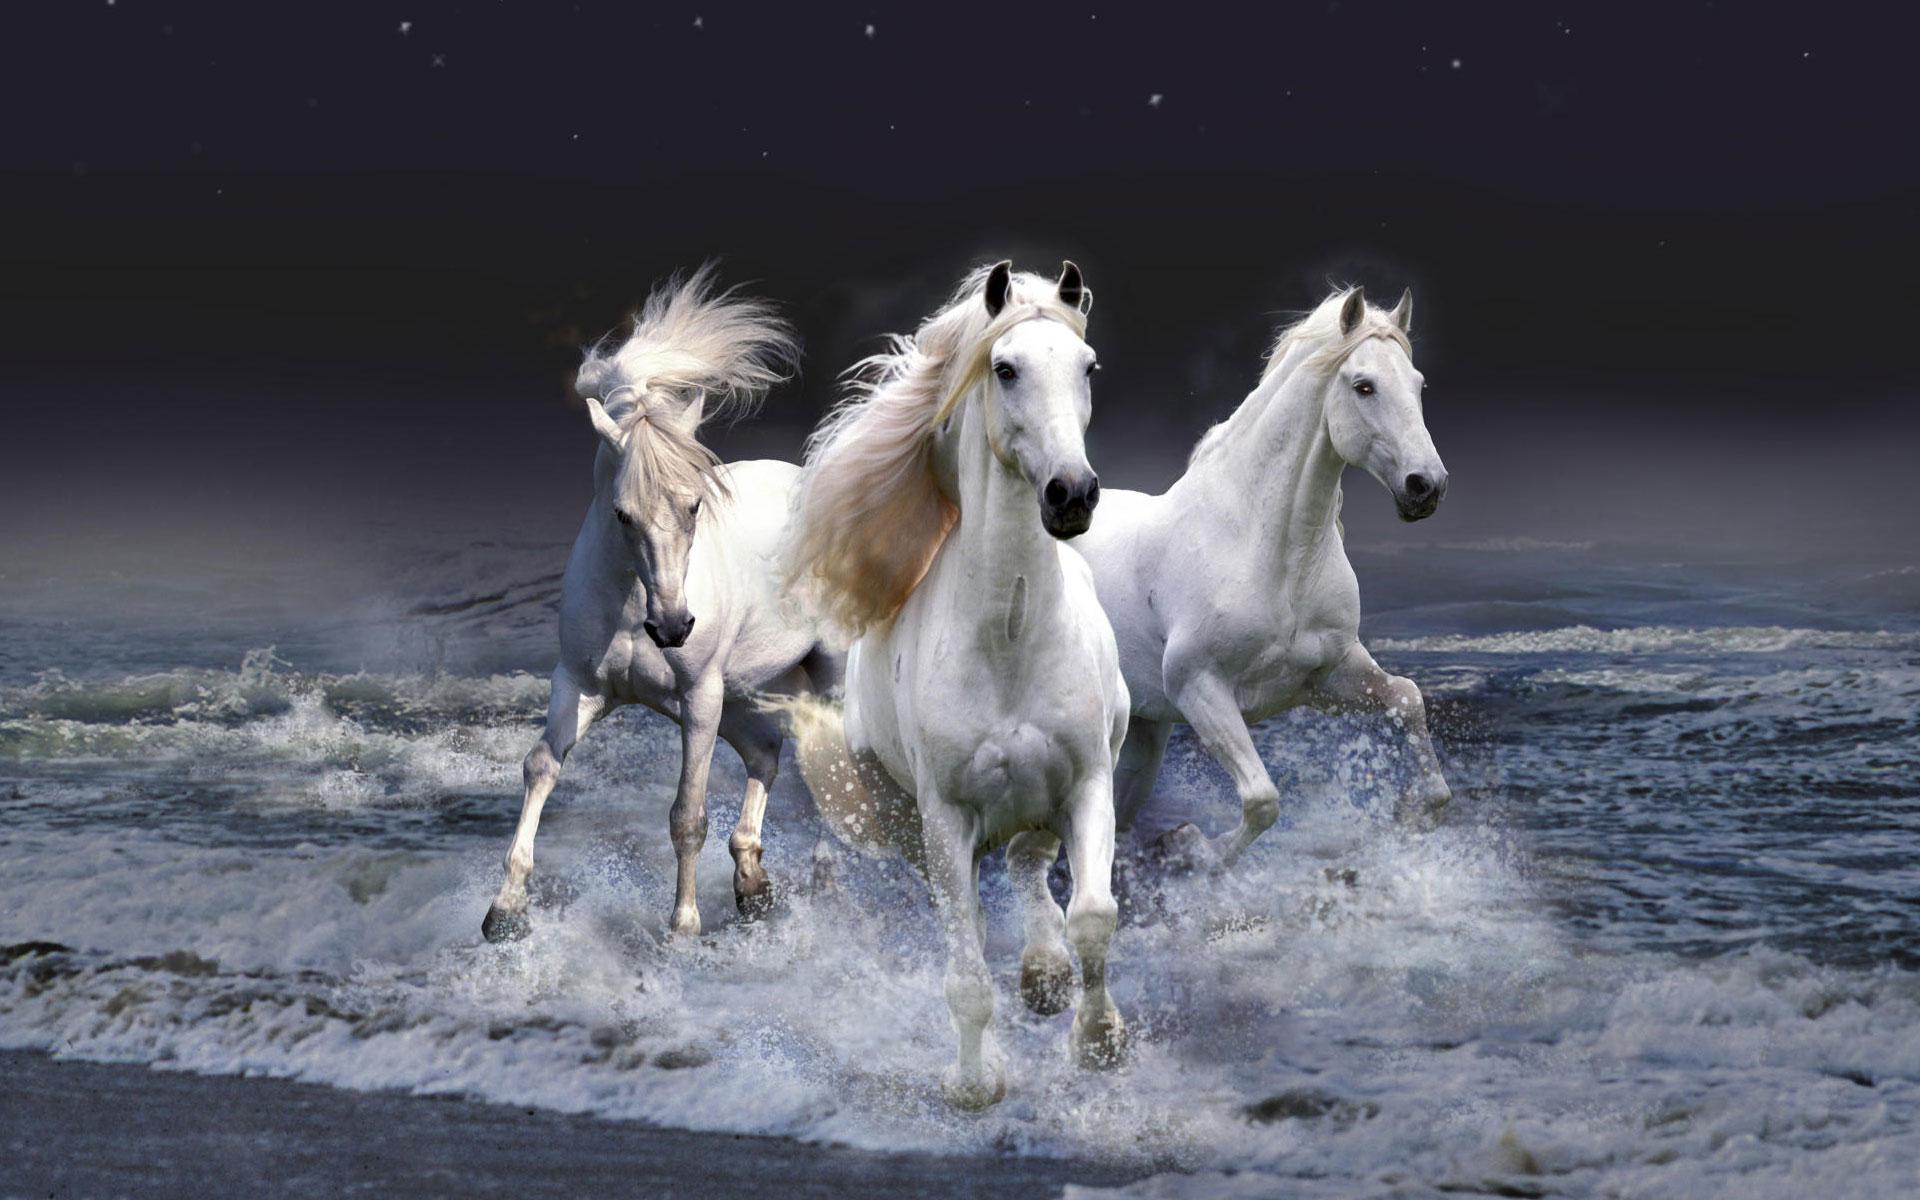 horse wallpaper hd   Magic4Wallscom 1920x1200